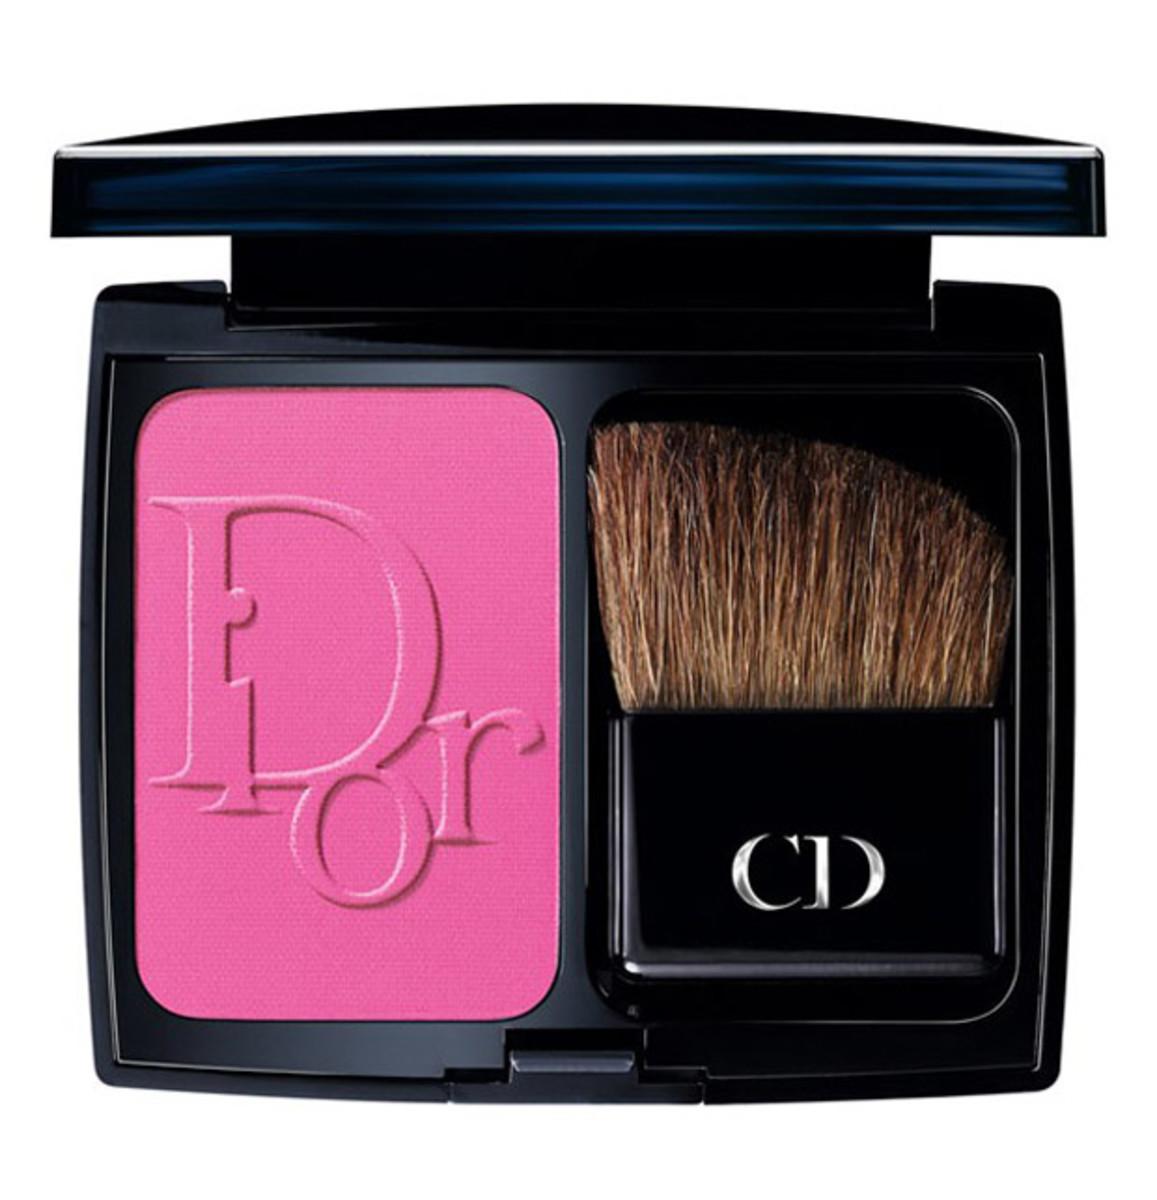 Dior Vibrant Color Powder Blush in Star Fuchsia